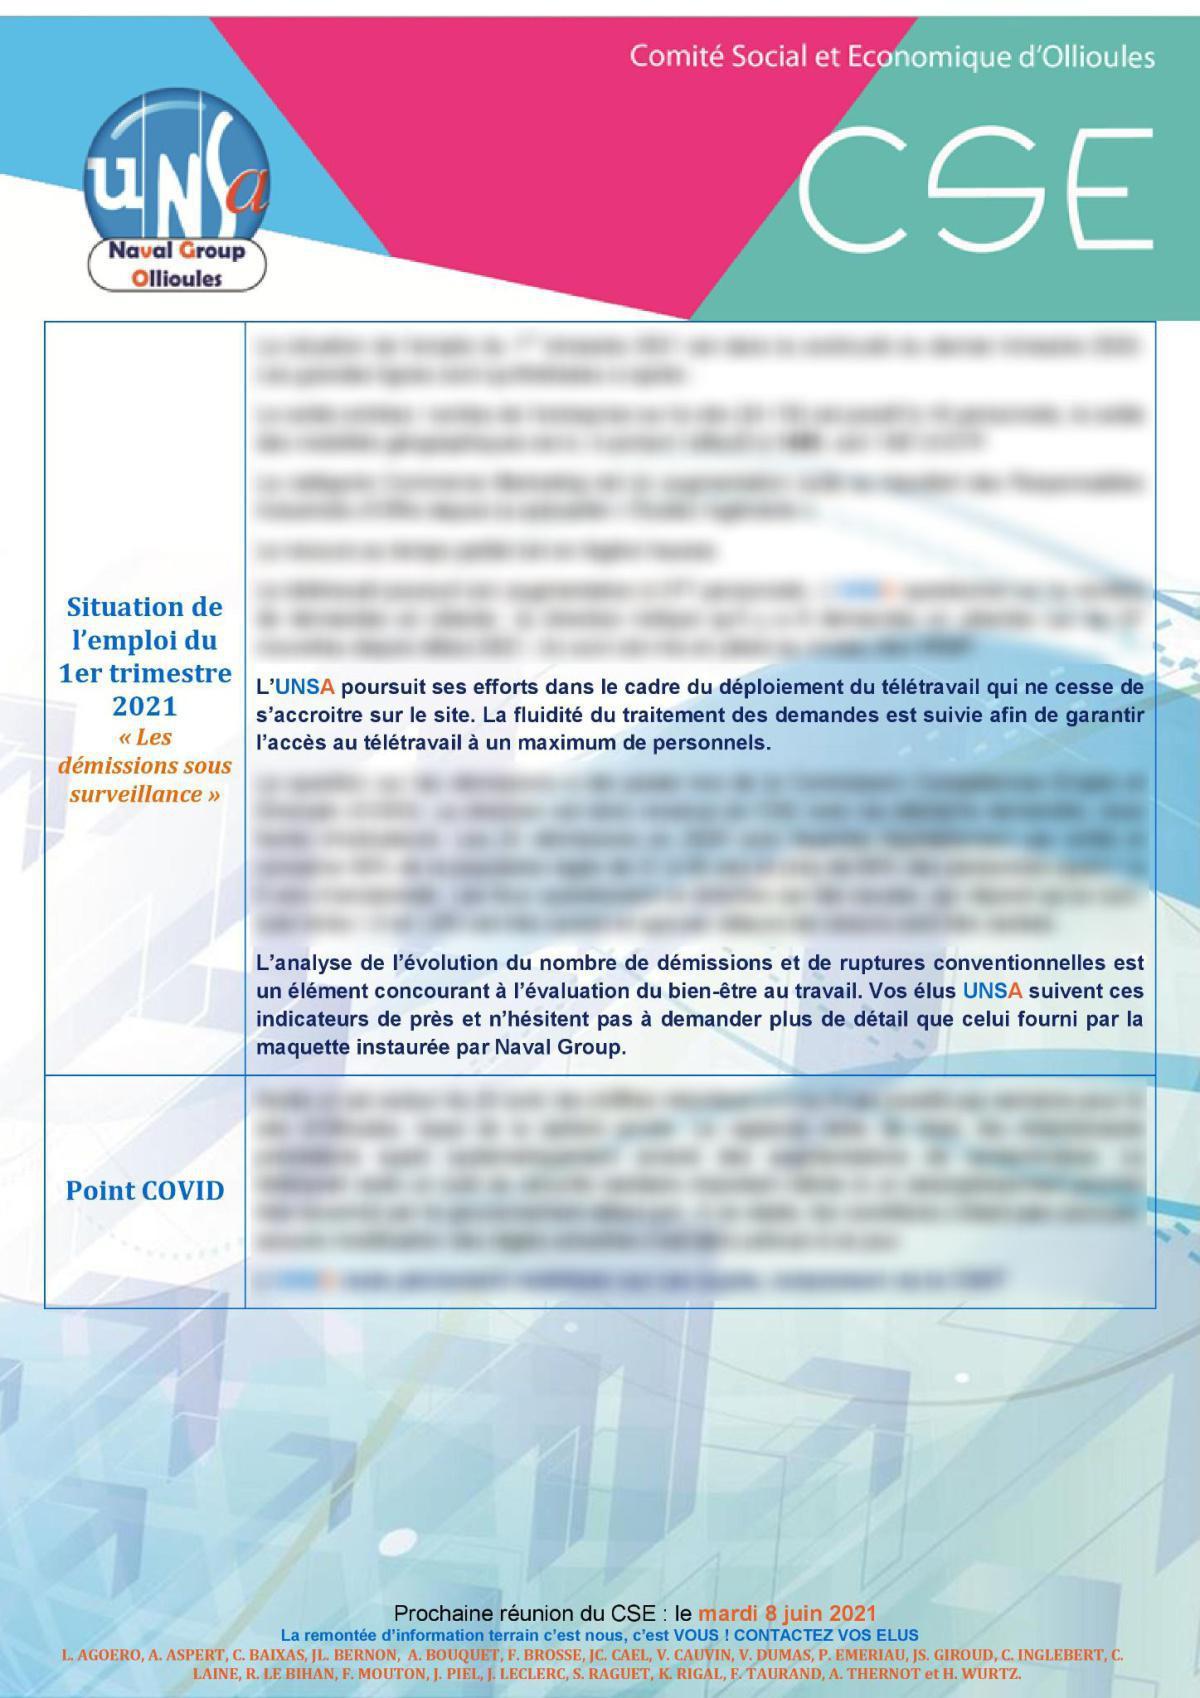 CSE d'Ollioules - réunion du 11 mai 2021